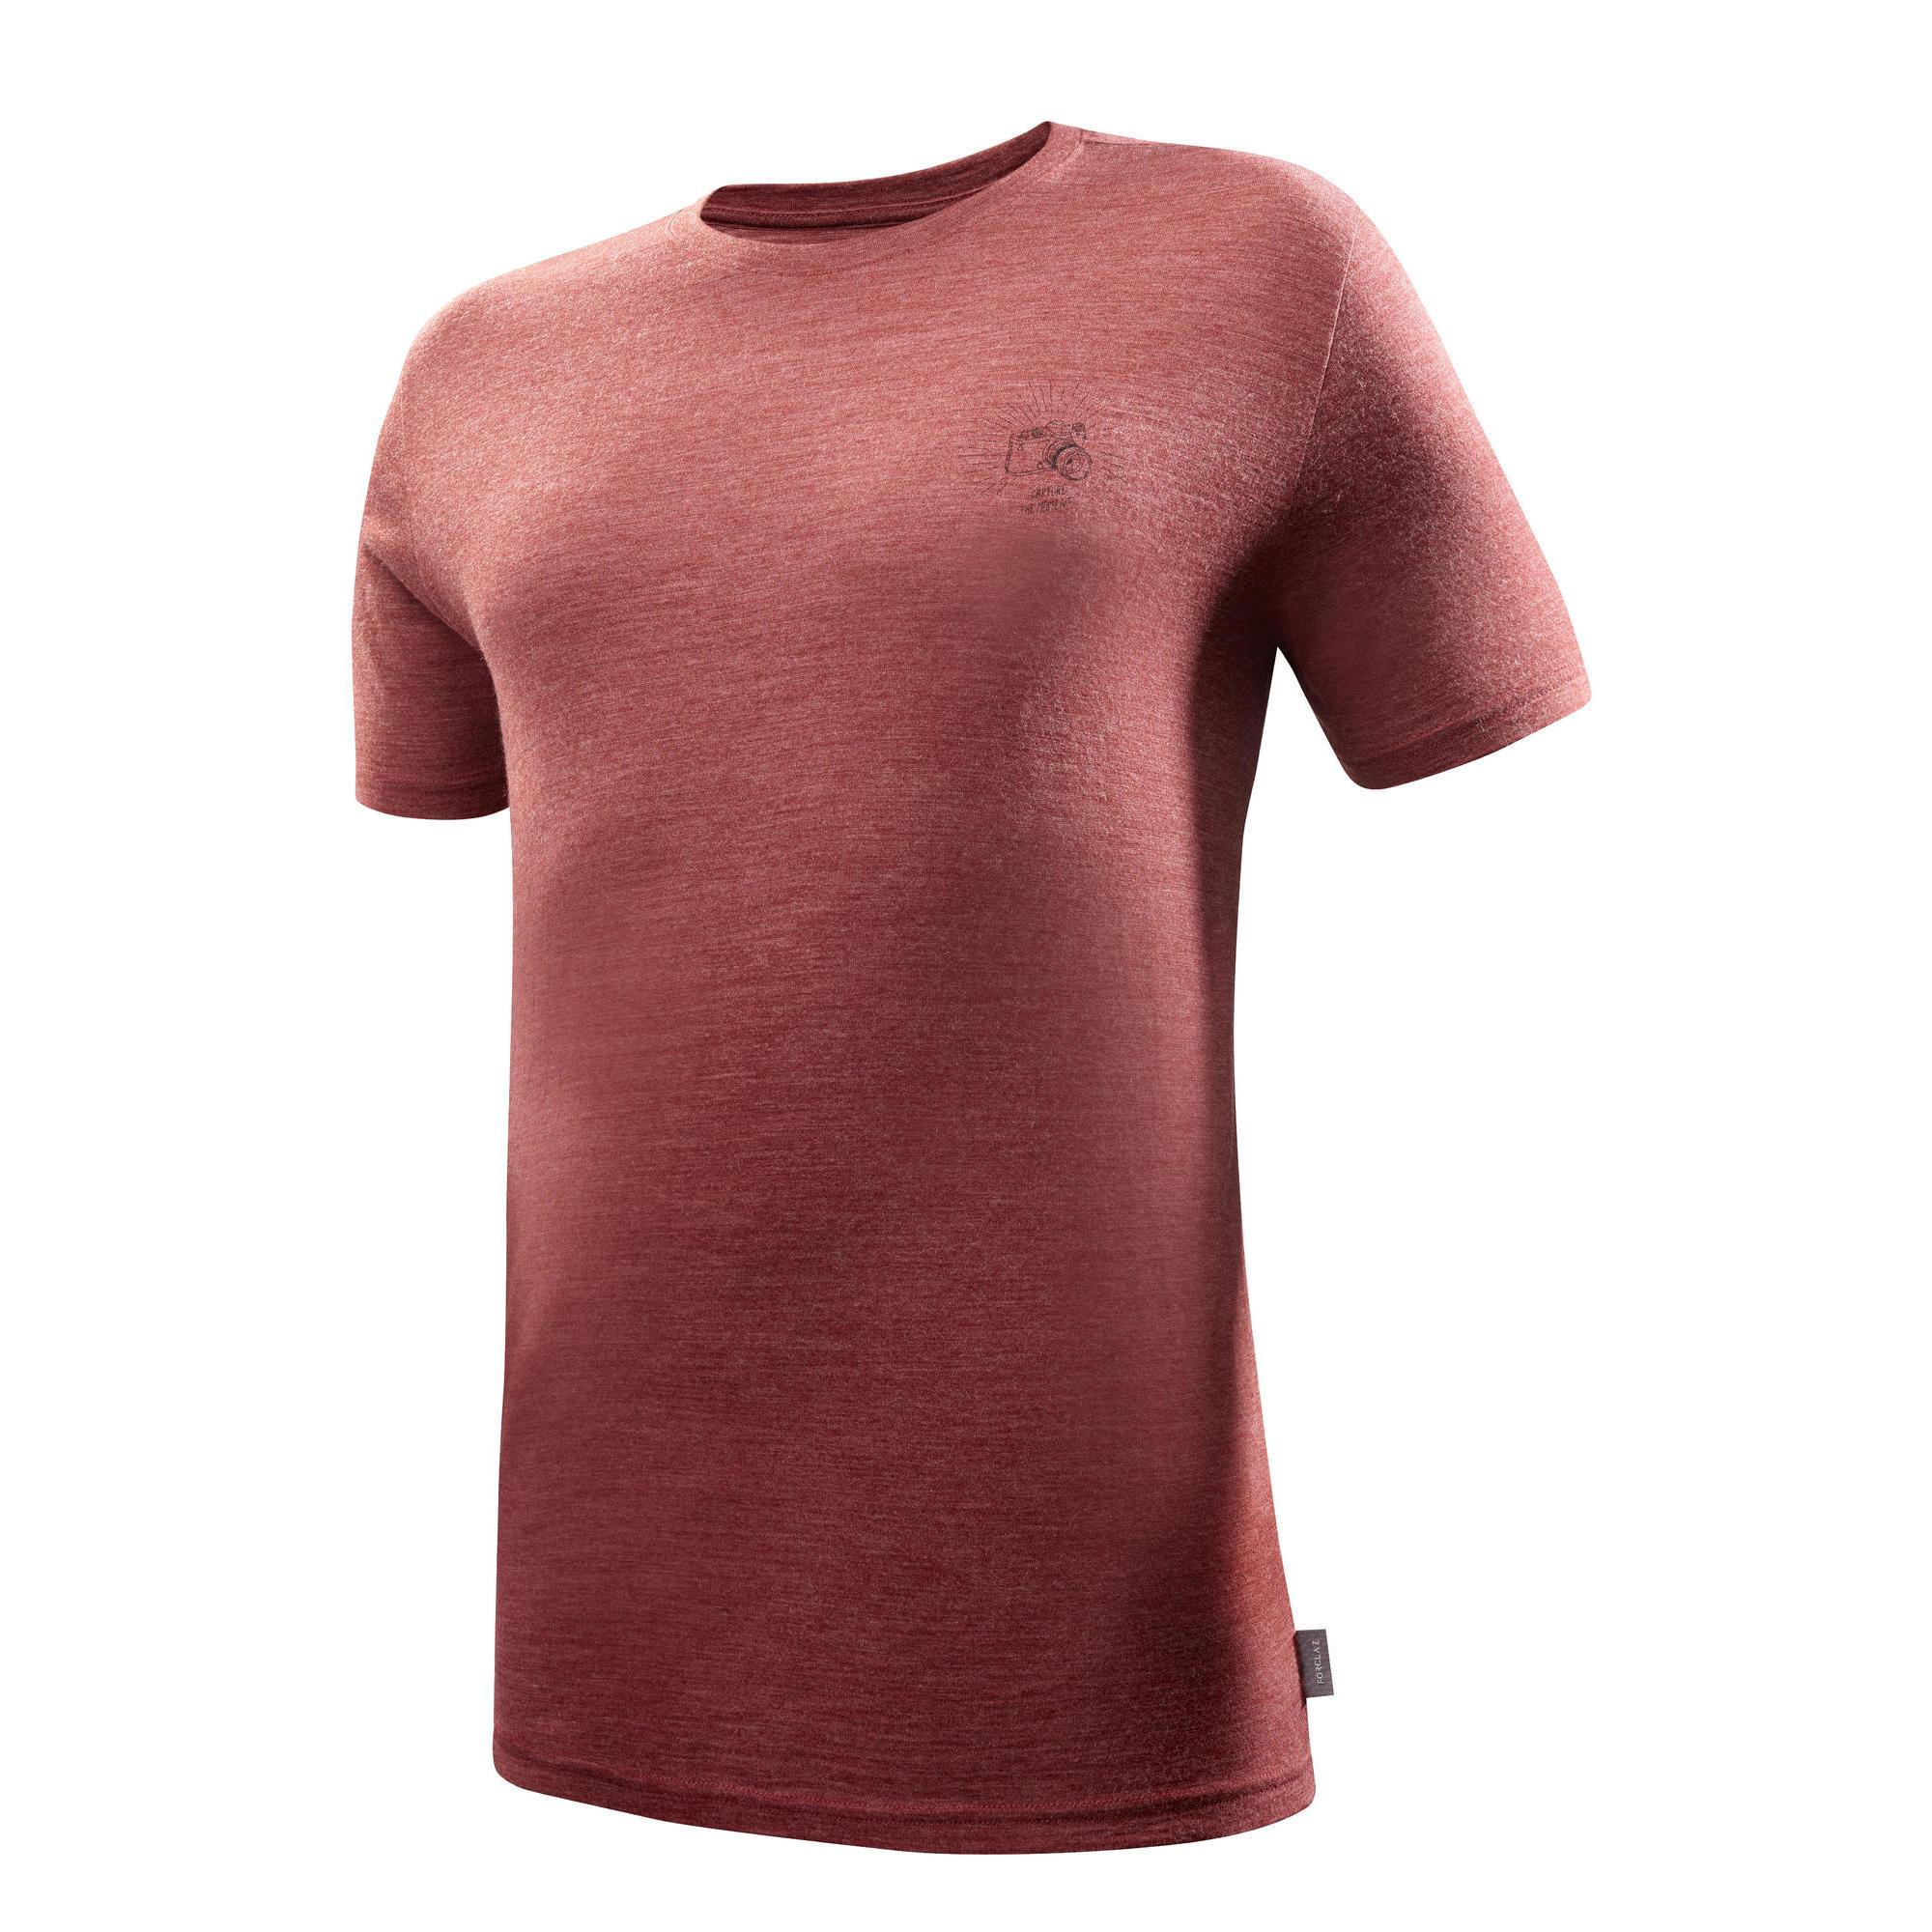 Forclaz Trekking T-shirt met korte mouwen Travel 500 merinowol heren rood